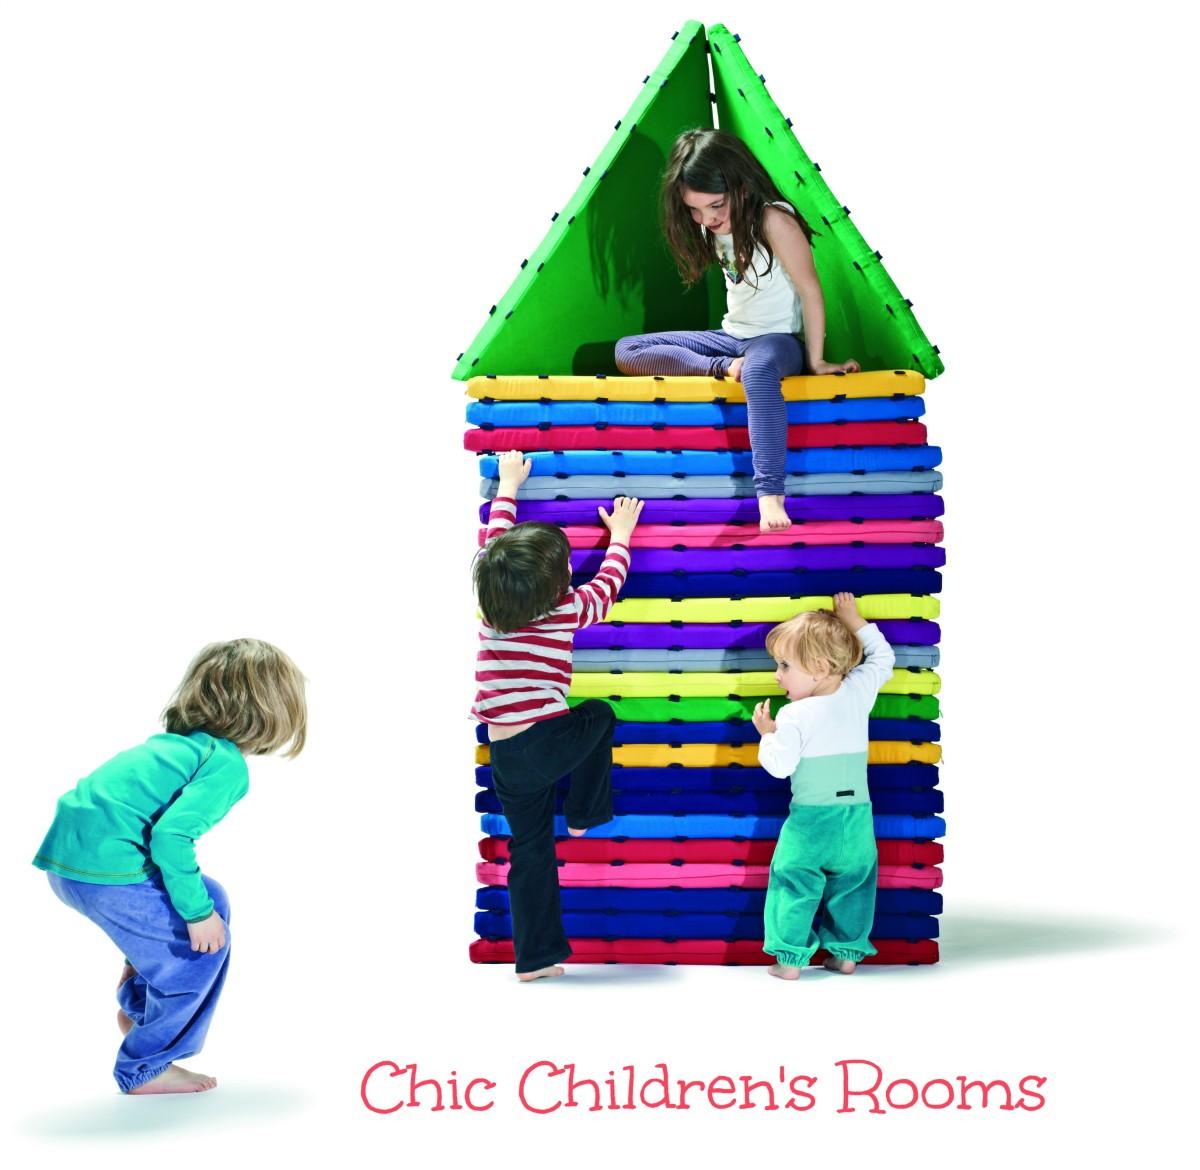 Chic Children's Room Ideas